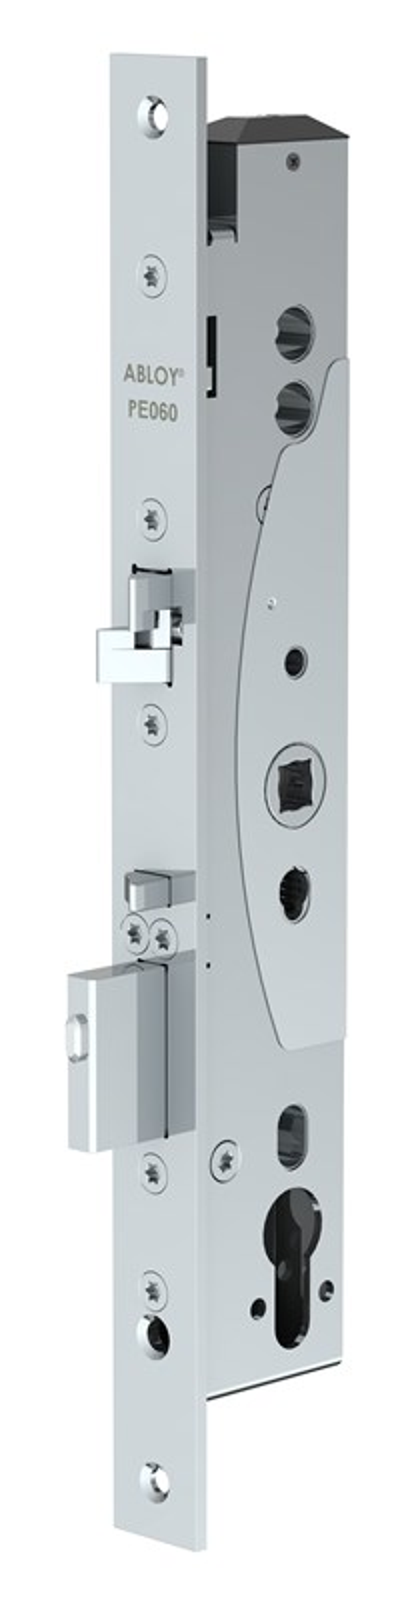 Lock case PE060